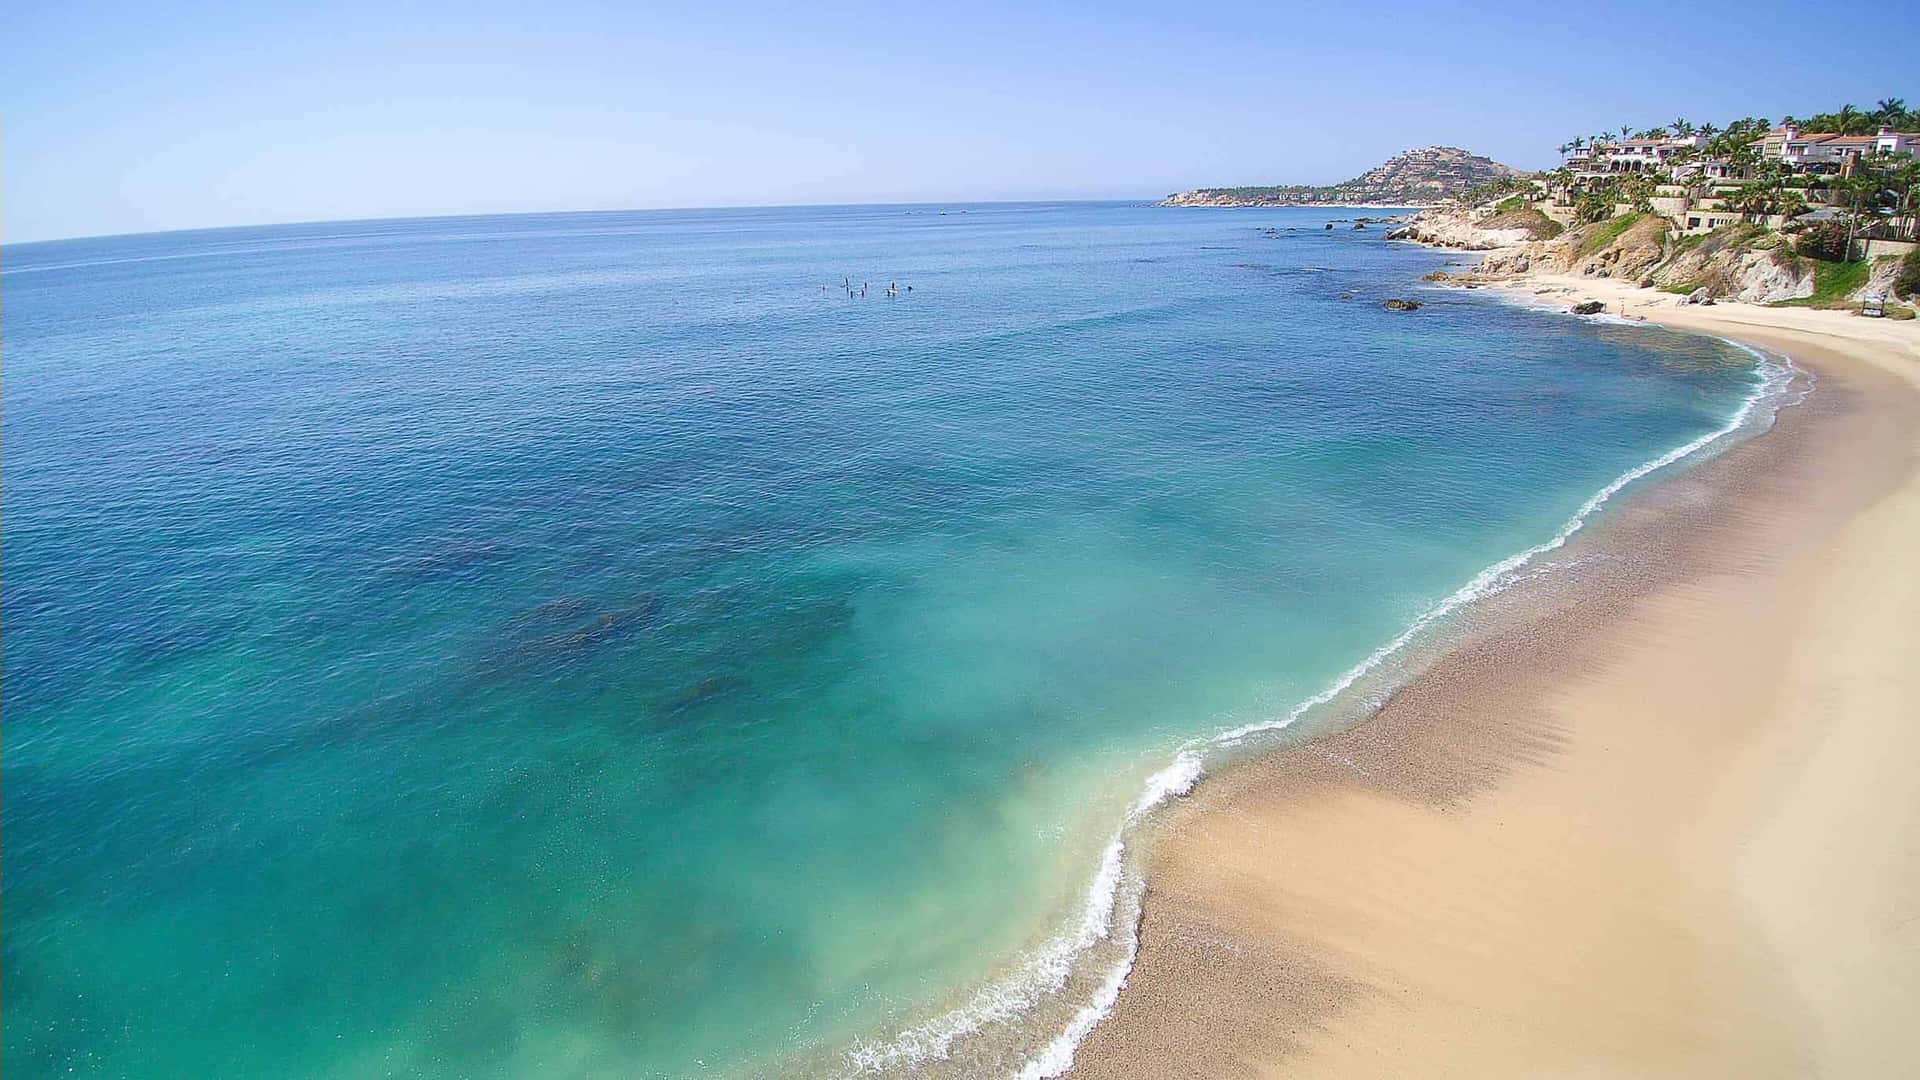 Bienvenido a High Tide Los Cabos